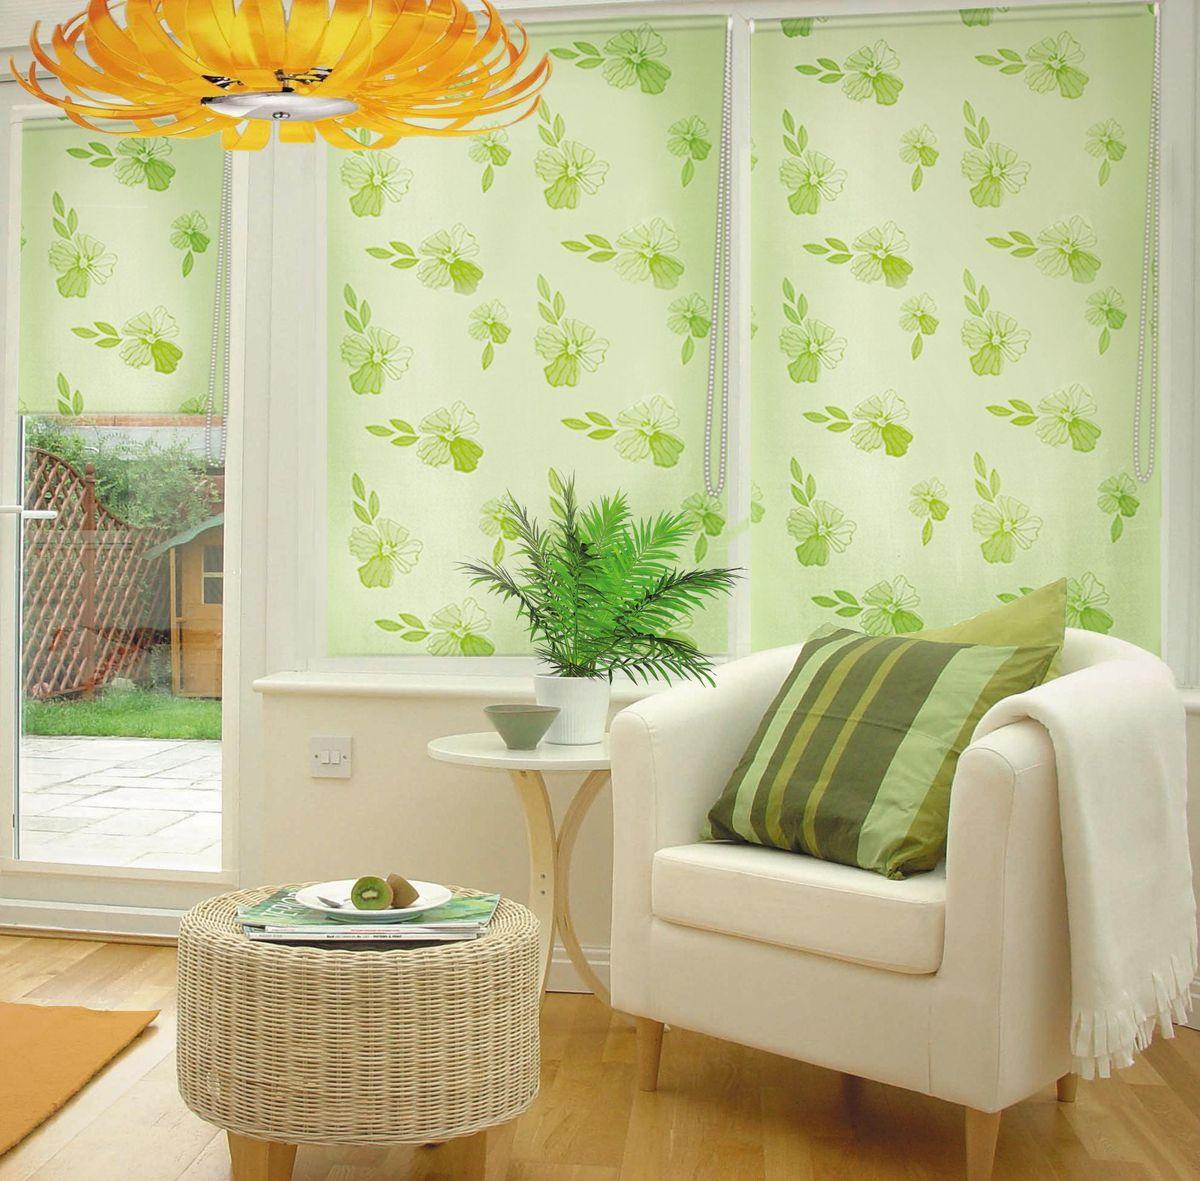 Штора рулонная Эскар Эдельвейс, цвет: зеленый, ширина 80 см, высота 160 см88004080160Рулонными шторами можно оформлять окна как самостоятельно, так и использовать в комбинации с портьерами. Это поможет предотвратить выгорание дорогой ткани на солнце и соединит функционал рулонных с красотой навесных. Преимущества применения рулонных штор для пластиковых окон: - имеют прекрасный внешний вид: многообразие и фактурность материала изделия отлично смотрятся в любом интерьере; - многофункциональны: есть возможность подобрать шторы способные эффективно защитить комнату от солнца, при этом она не будет слишком темной. - Есть возможность осуществить быстрый монтаж. ВНИМАНИЕ! Размеры ширины изделия указаны по ширине ткани! Во время эксплуатации не рекомендуется полностью разматывать рулон, чтобы не оторвать ткань от намоточного вала. В случае загрязнения поверхности ткани, чистку шторы проводят одним из способов, в зависимости от типа загрязнения: легкое поверхностное загрязнение можно удалить при помощи канцелярского ластика; чистка от пыли производится сухим методом при...